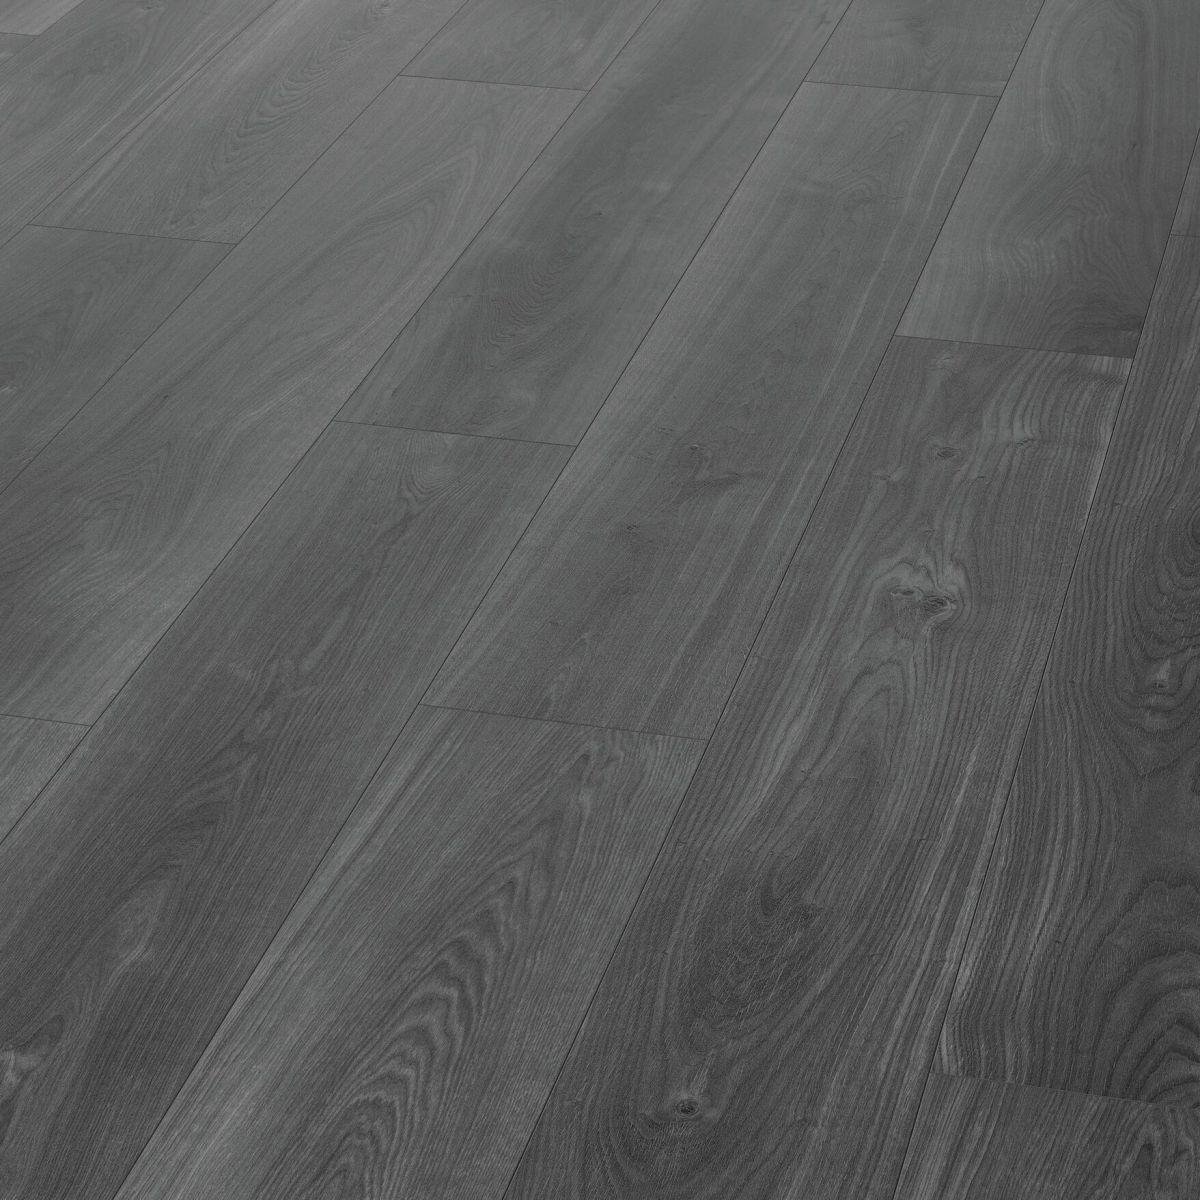 Avatara vloer hout N10 diagonaal